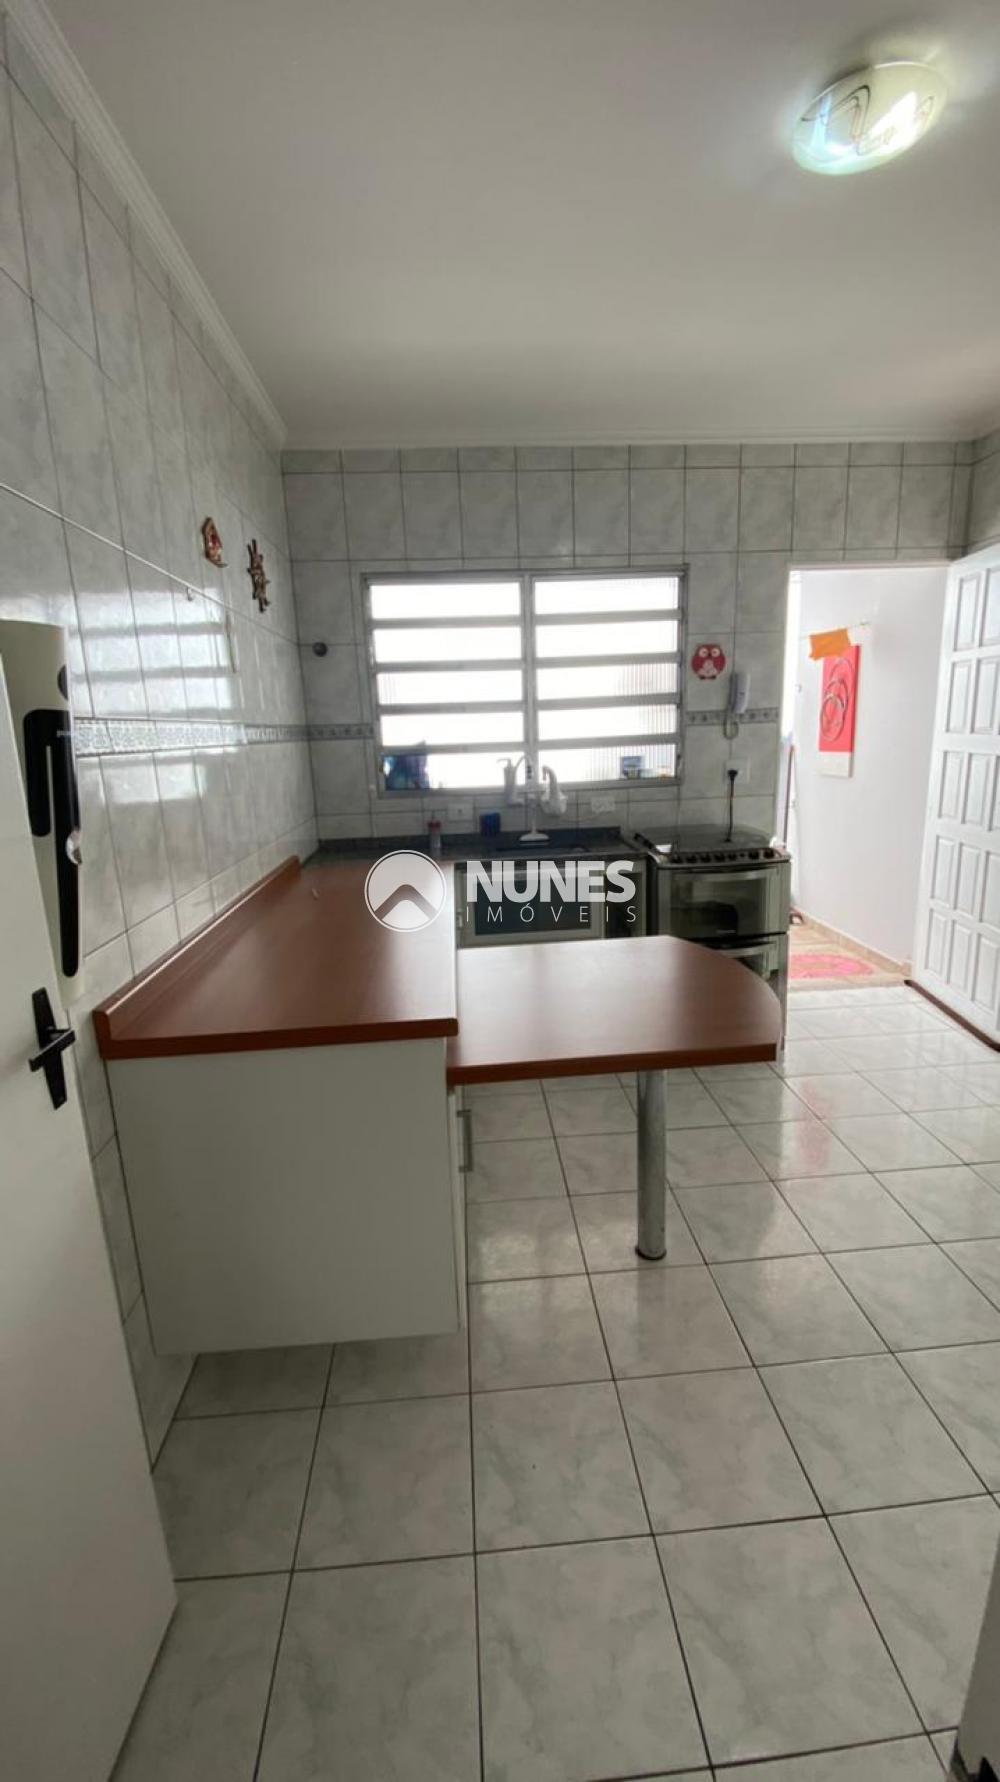 Comprar Casa / Sobrado em Barueri R$ 350.000,00 - Foto 11